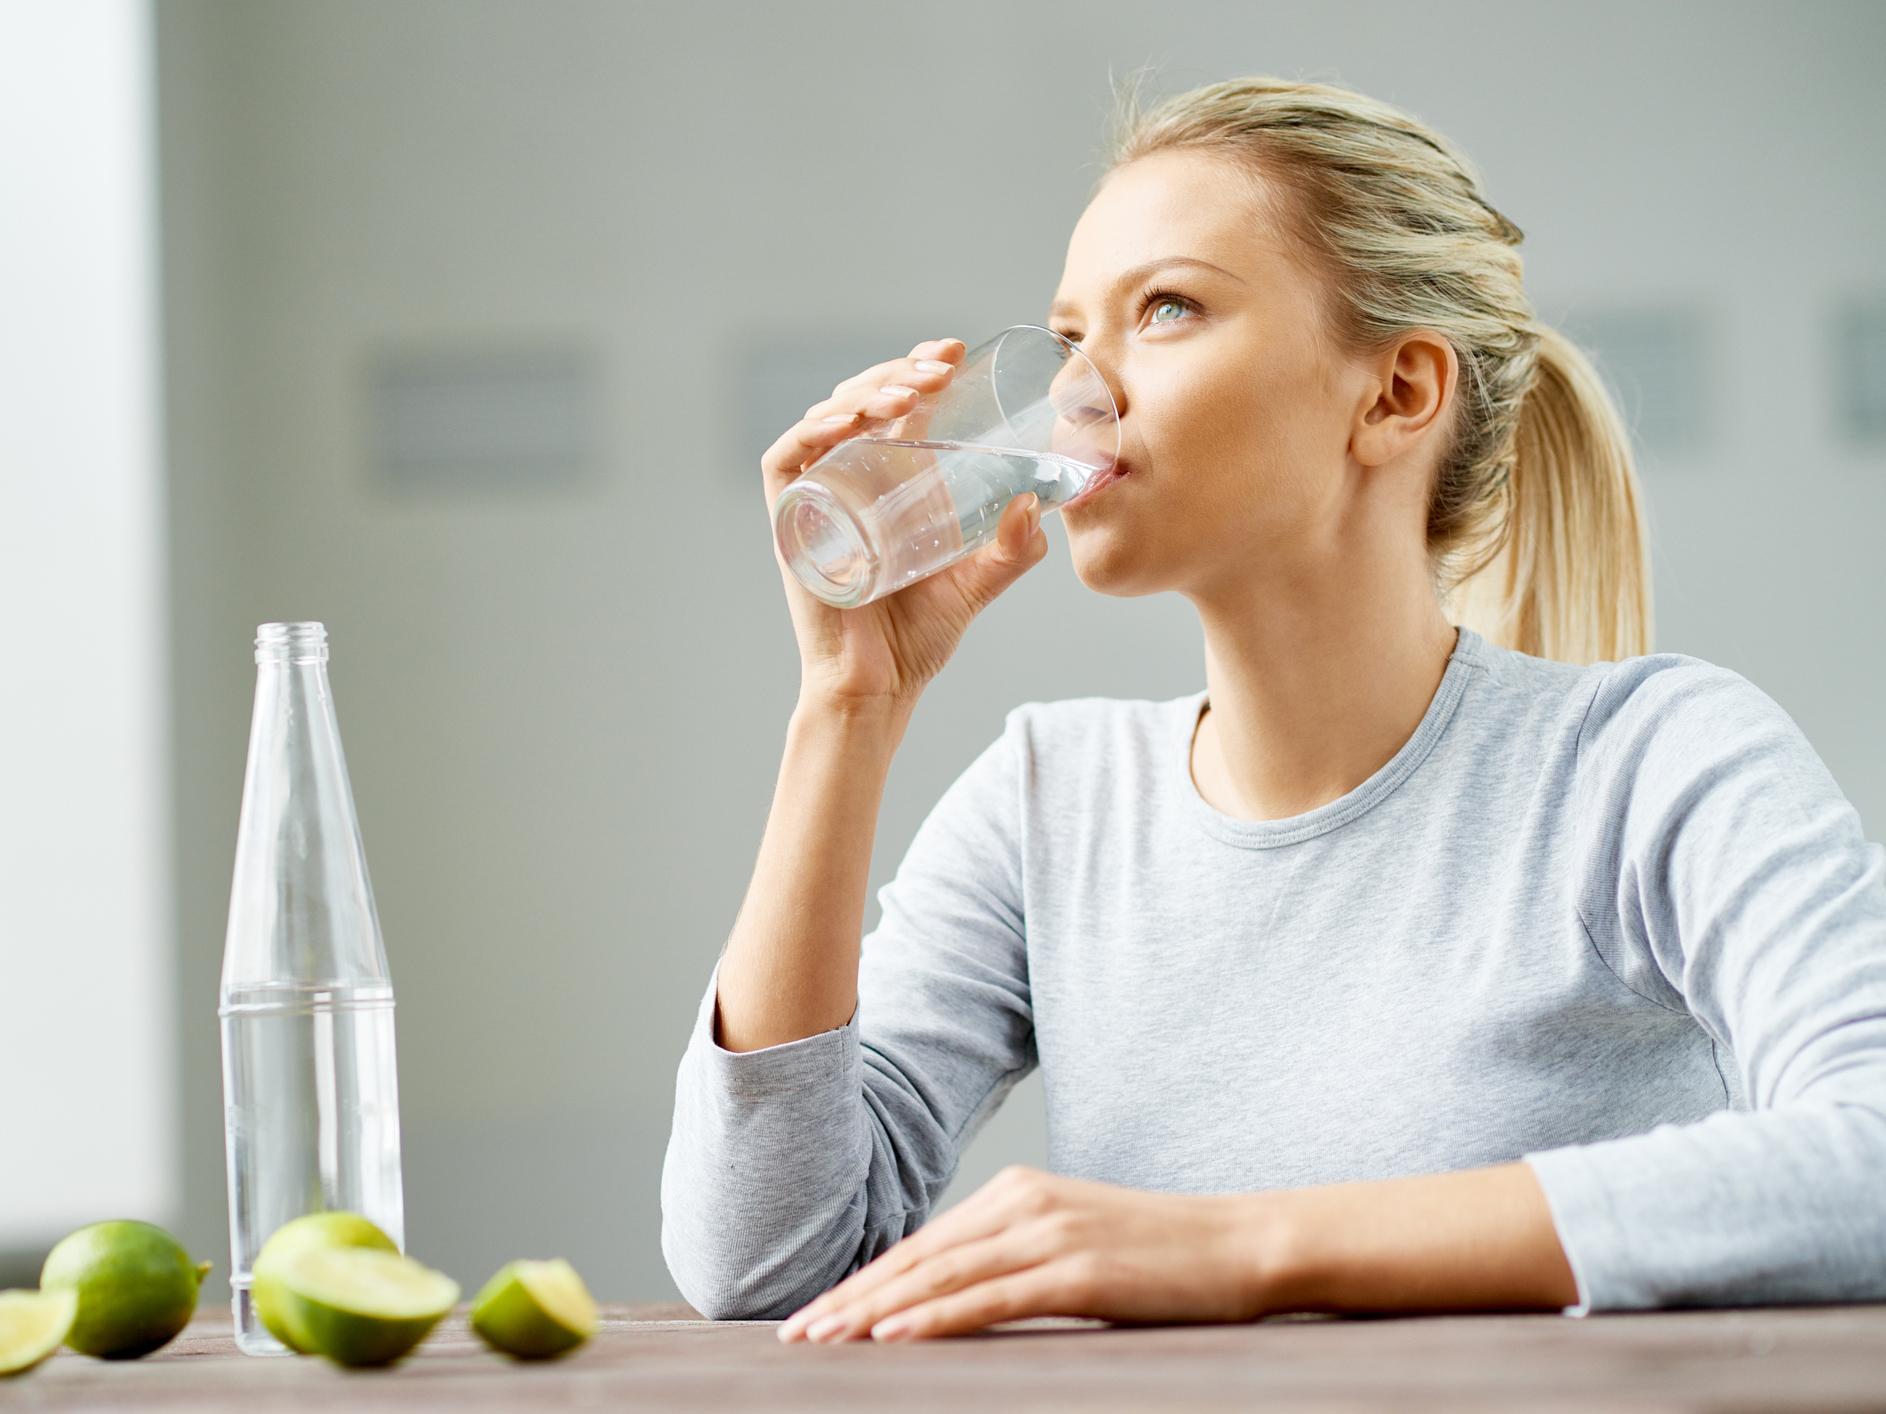 PunjabKesari, Drinking Water, low carbs Foods Image, Weight loss Tips Image, Health Hindi News Image